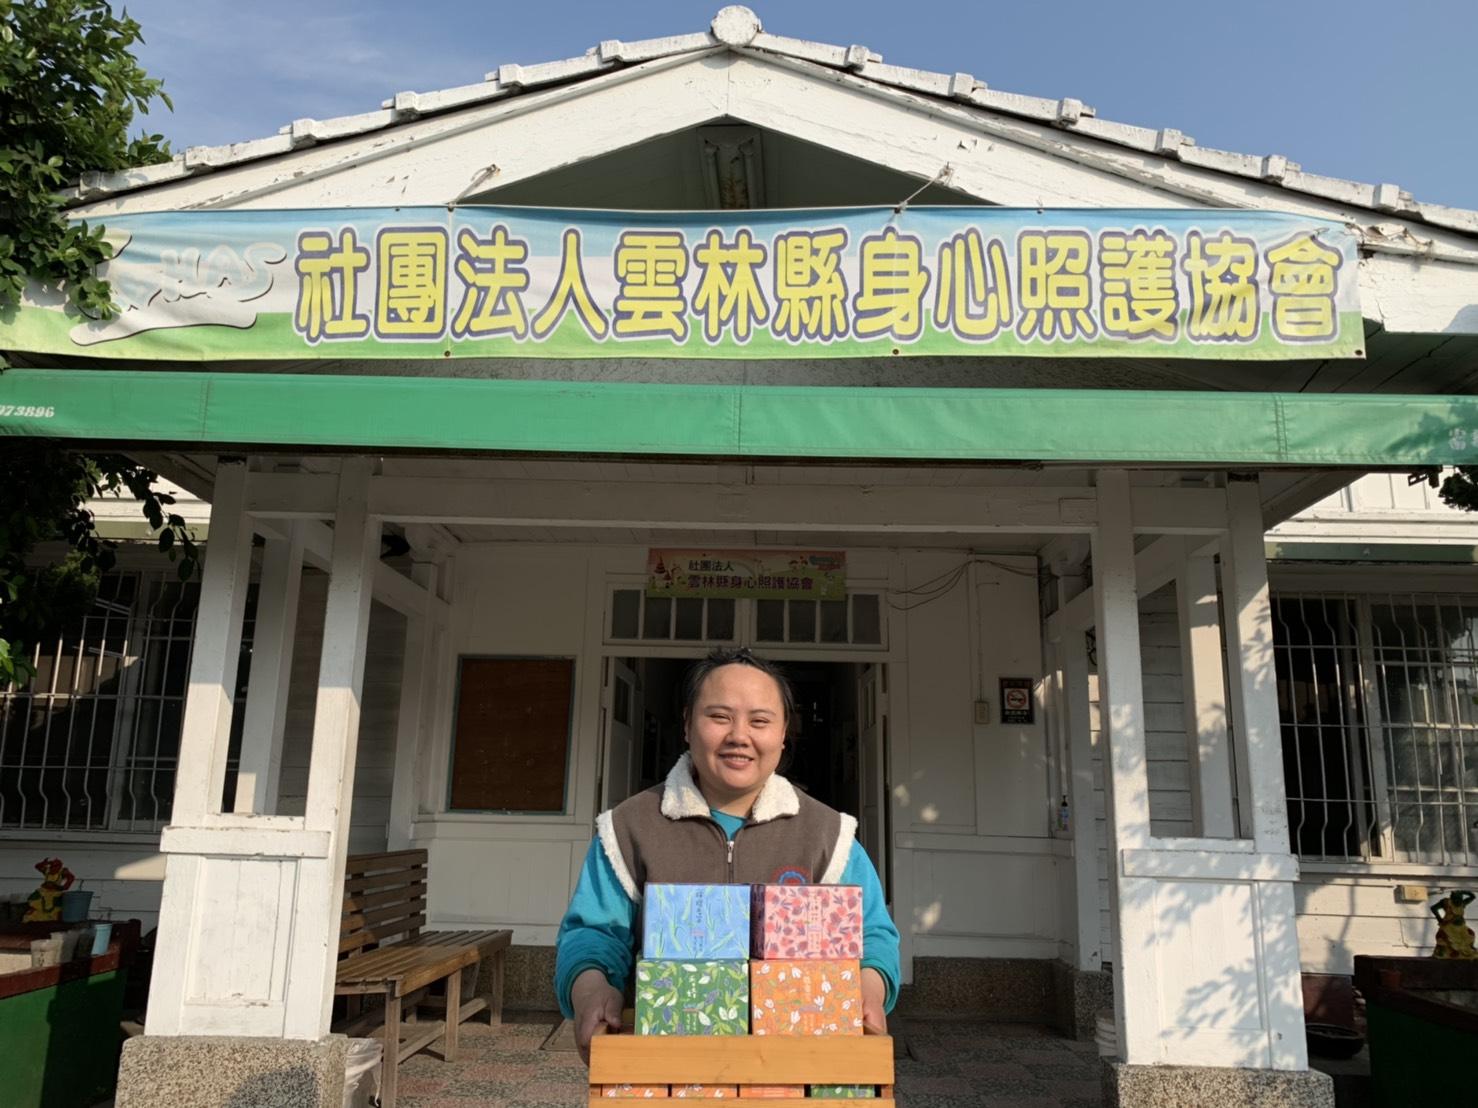 雲林縣身心照護協會小惠手捧香草茶禮盒